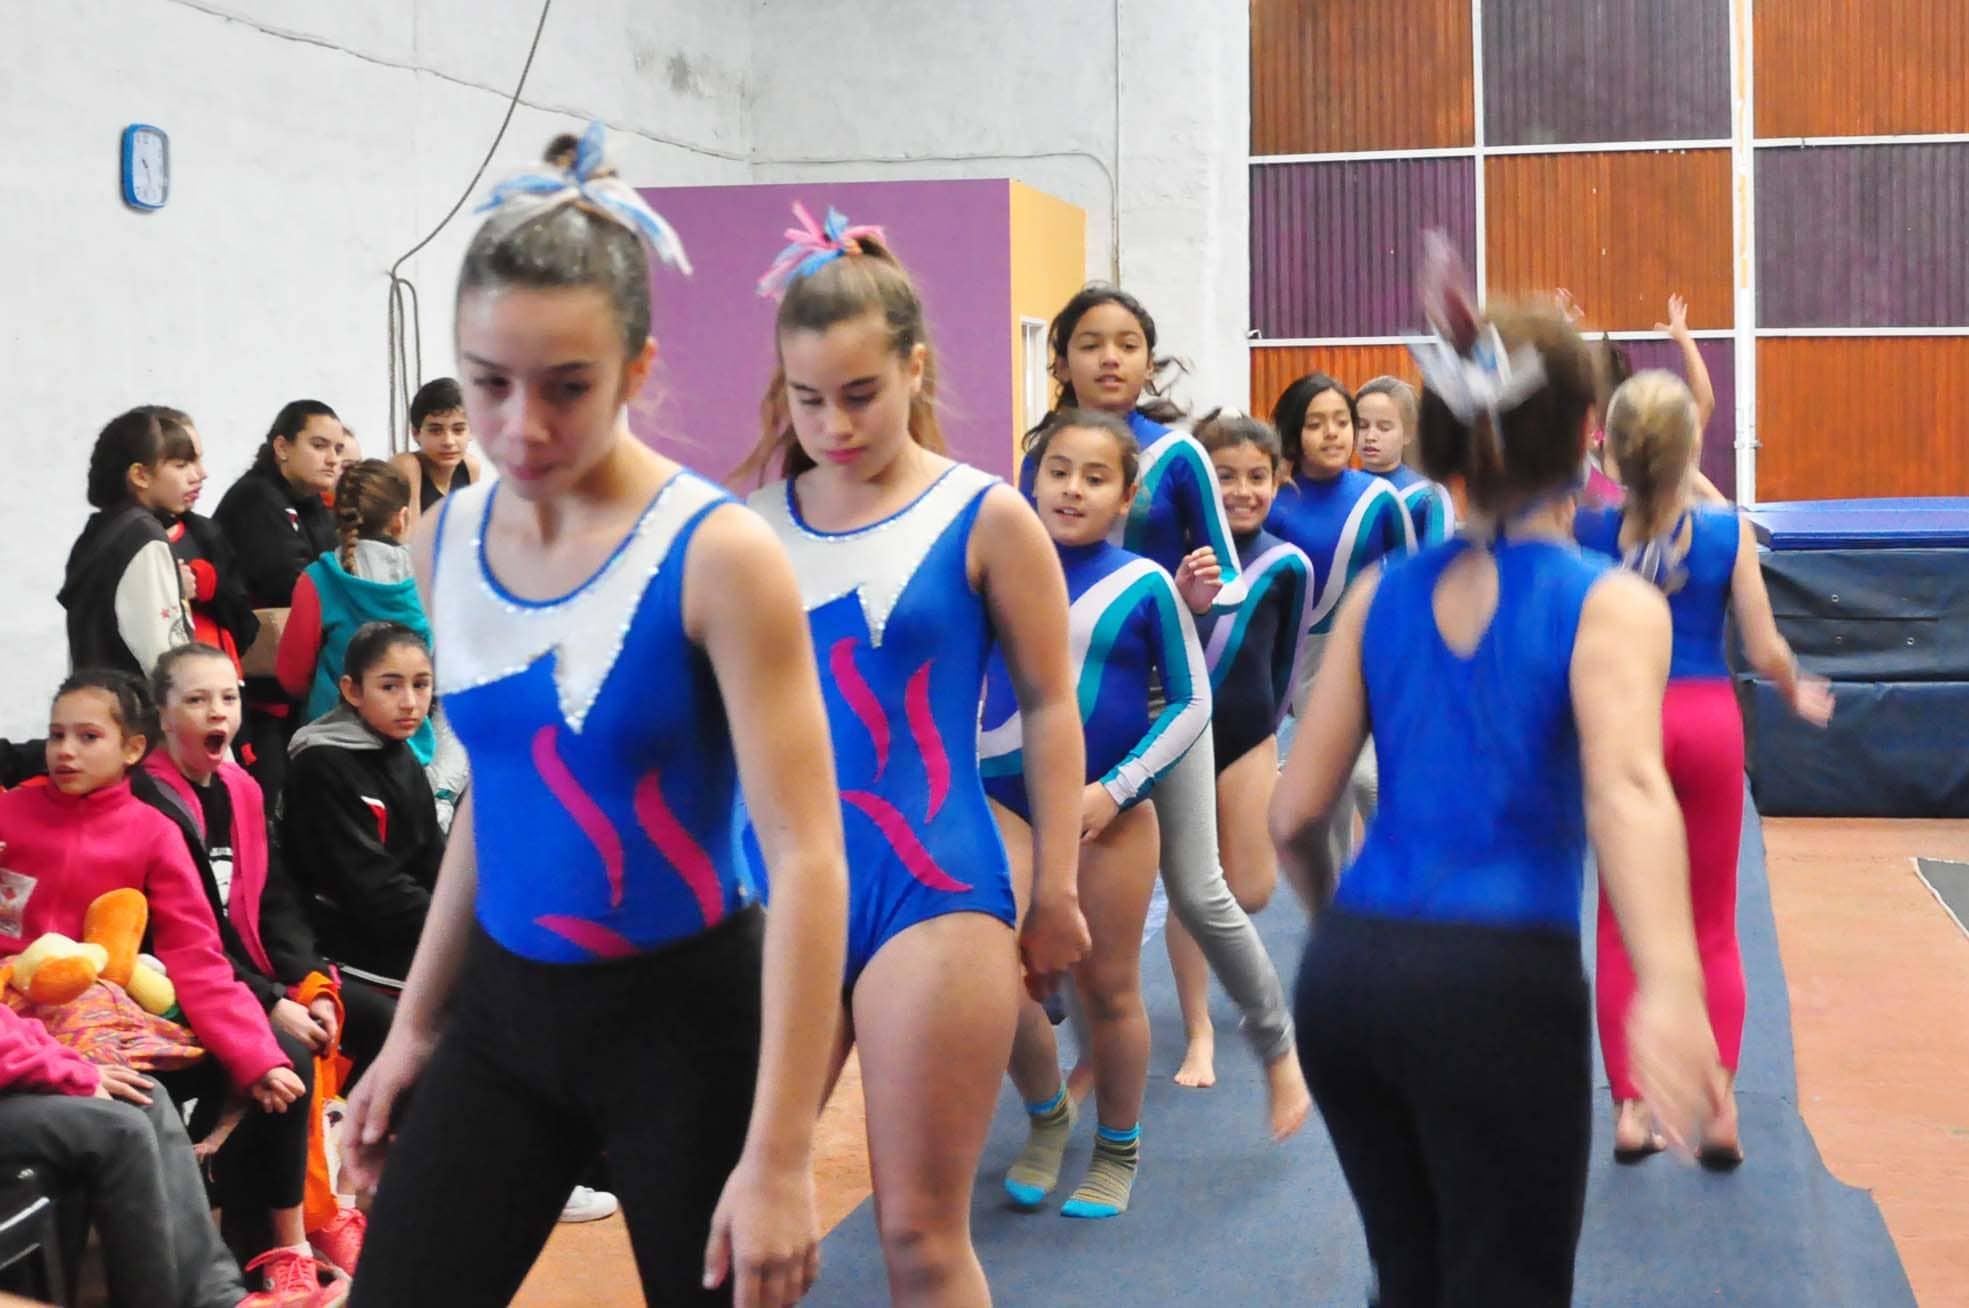 gimnasia artística - interregional juegos BA - junio 2015 (4)